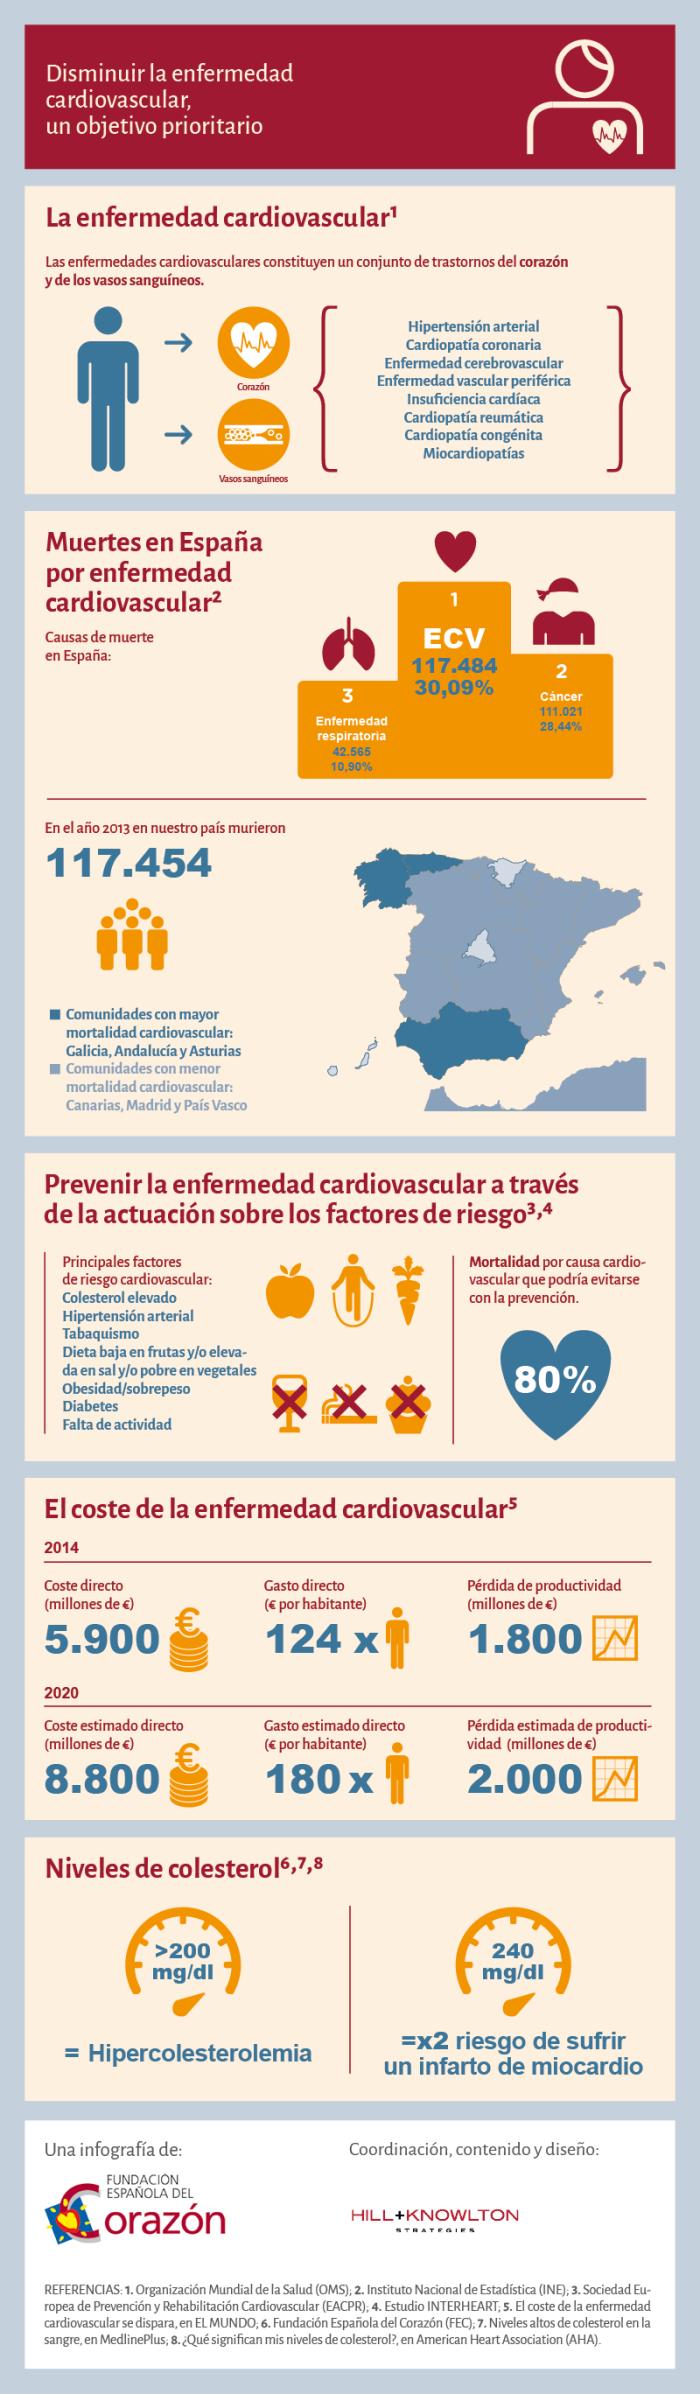 Enfermedad cardiovascular en España